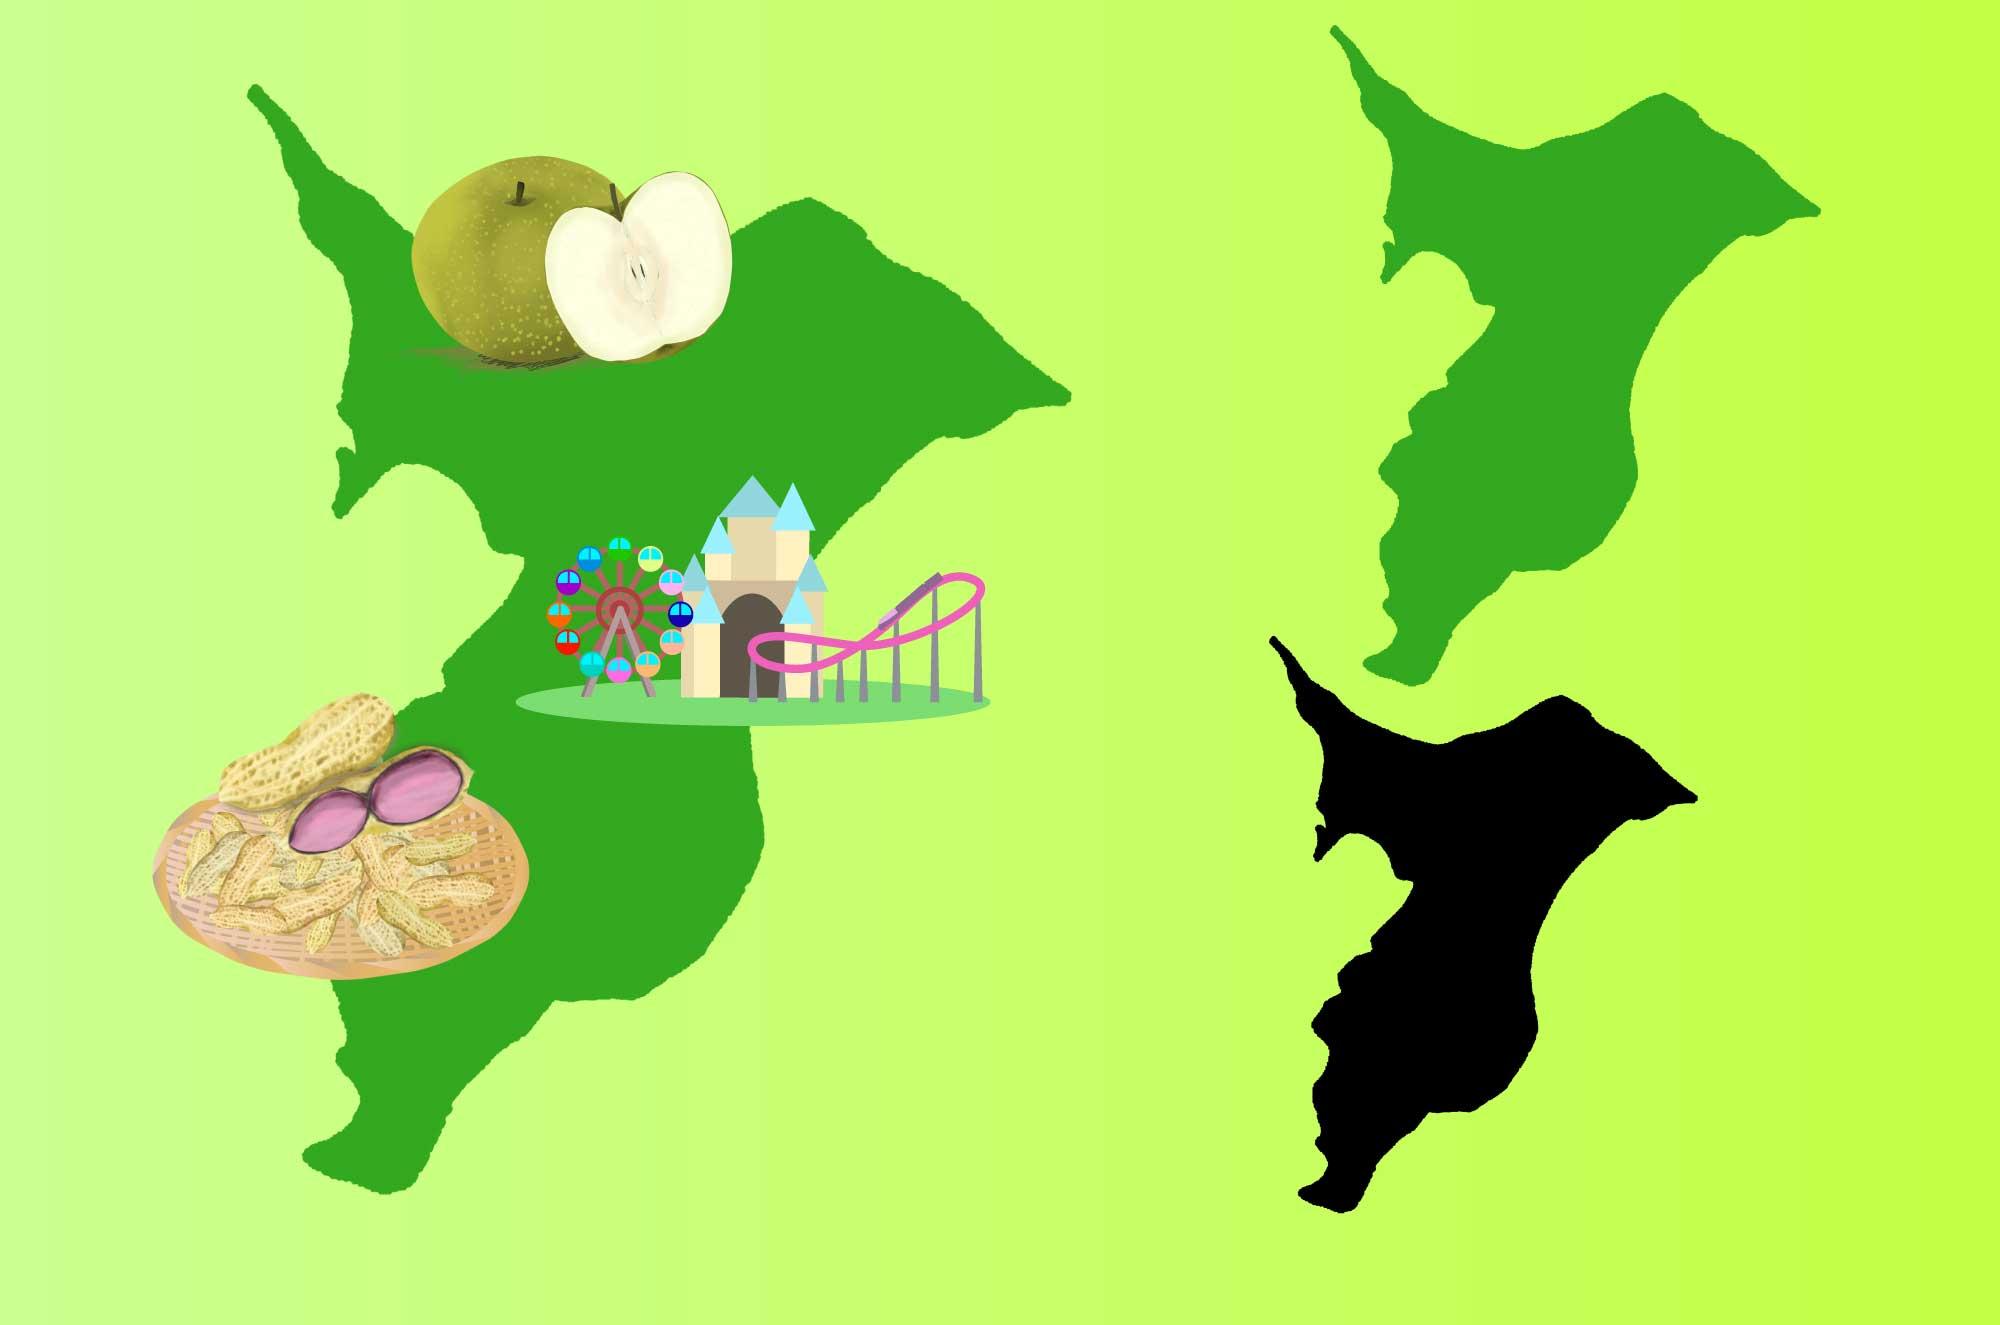 千葉のイラスト - 名産と地図・大陸の無料素材